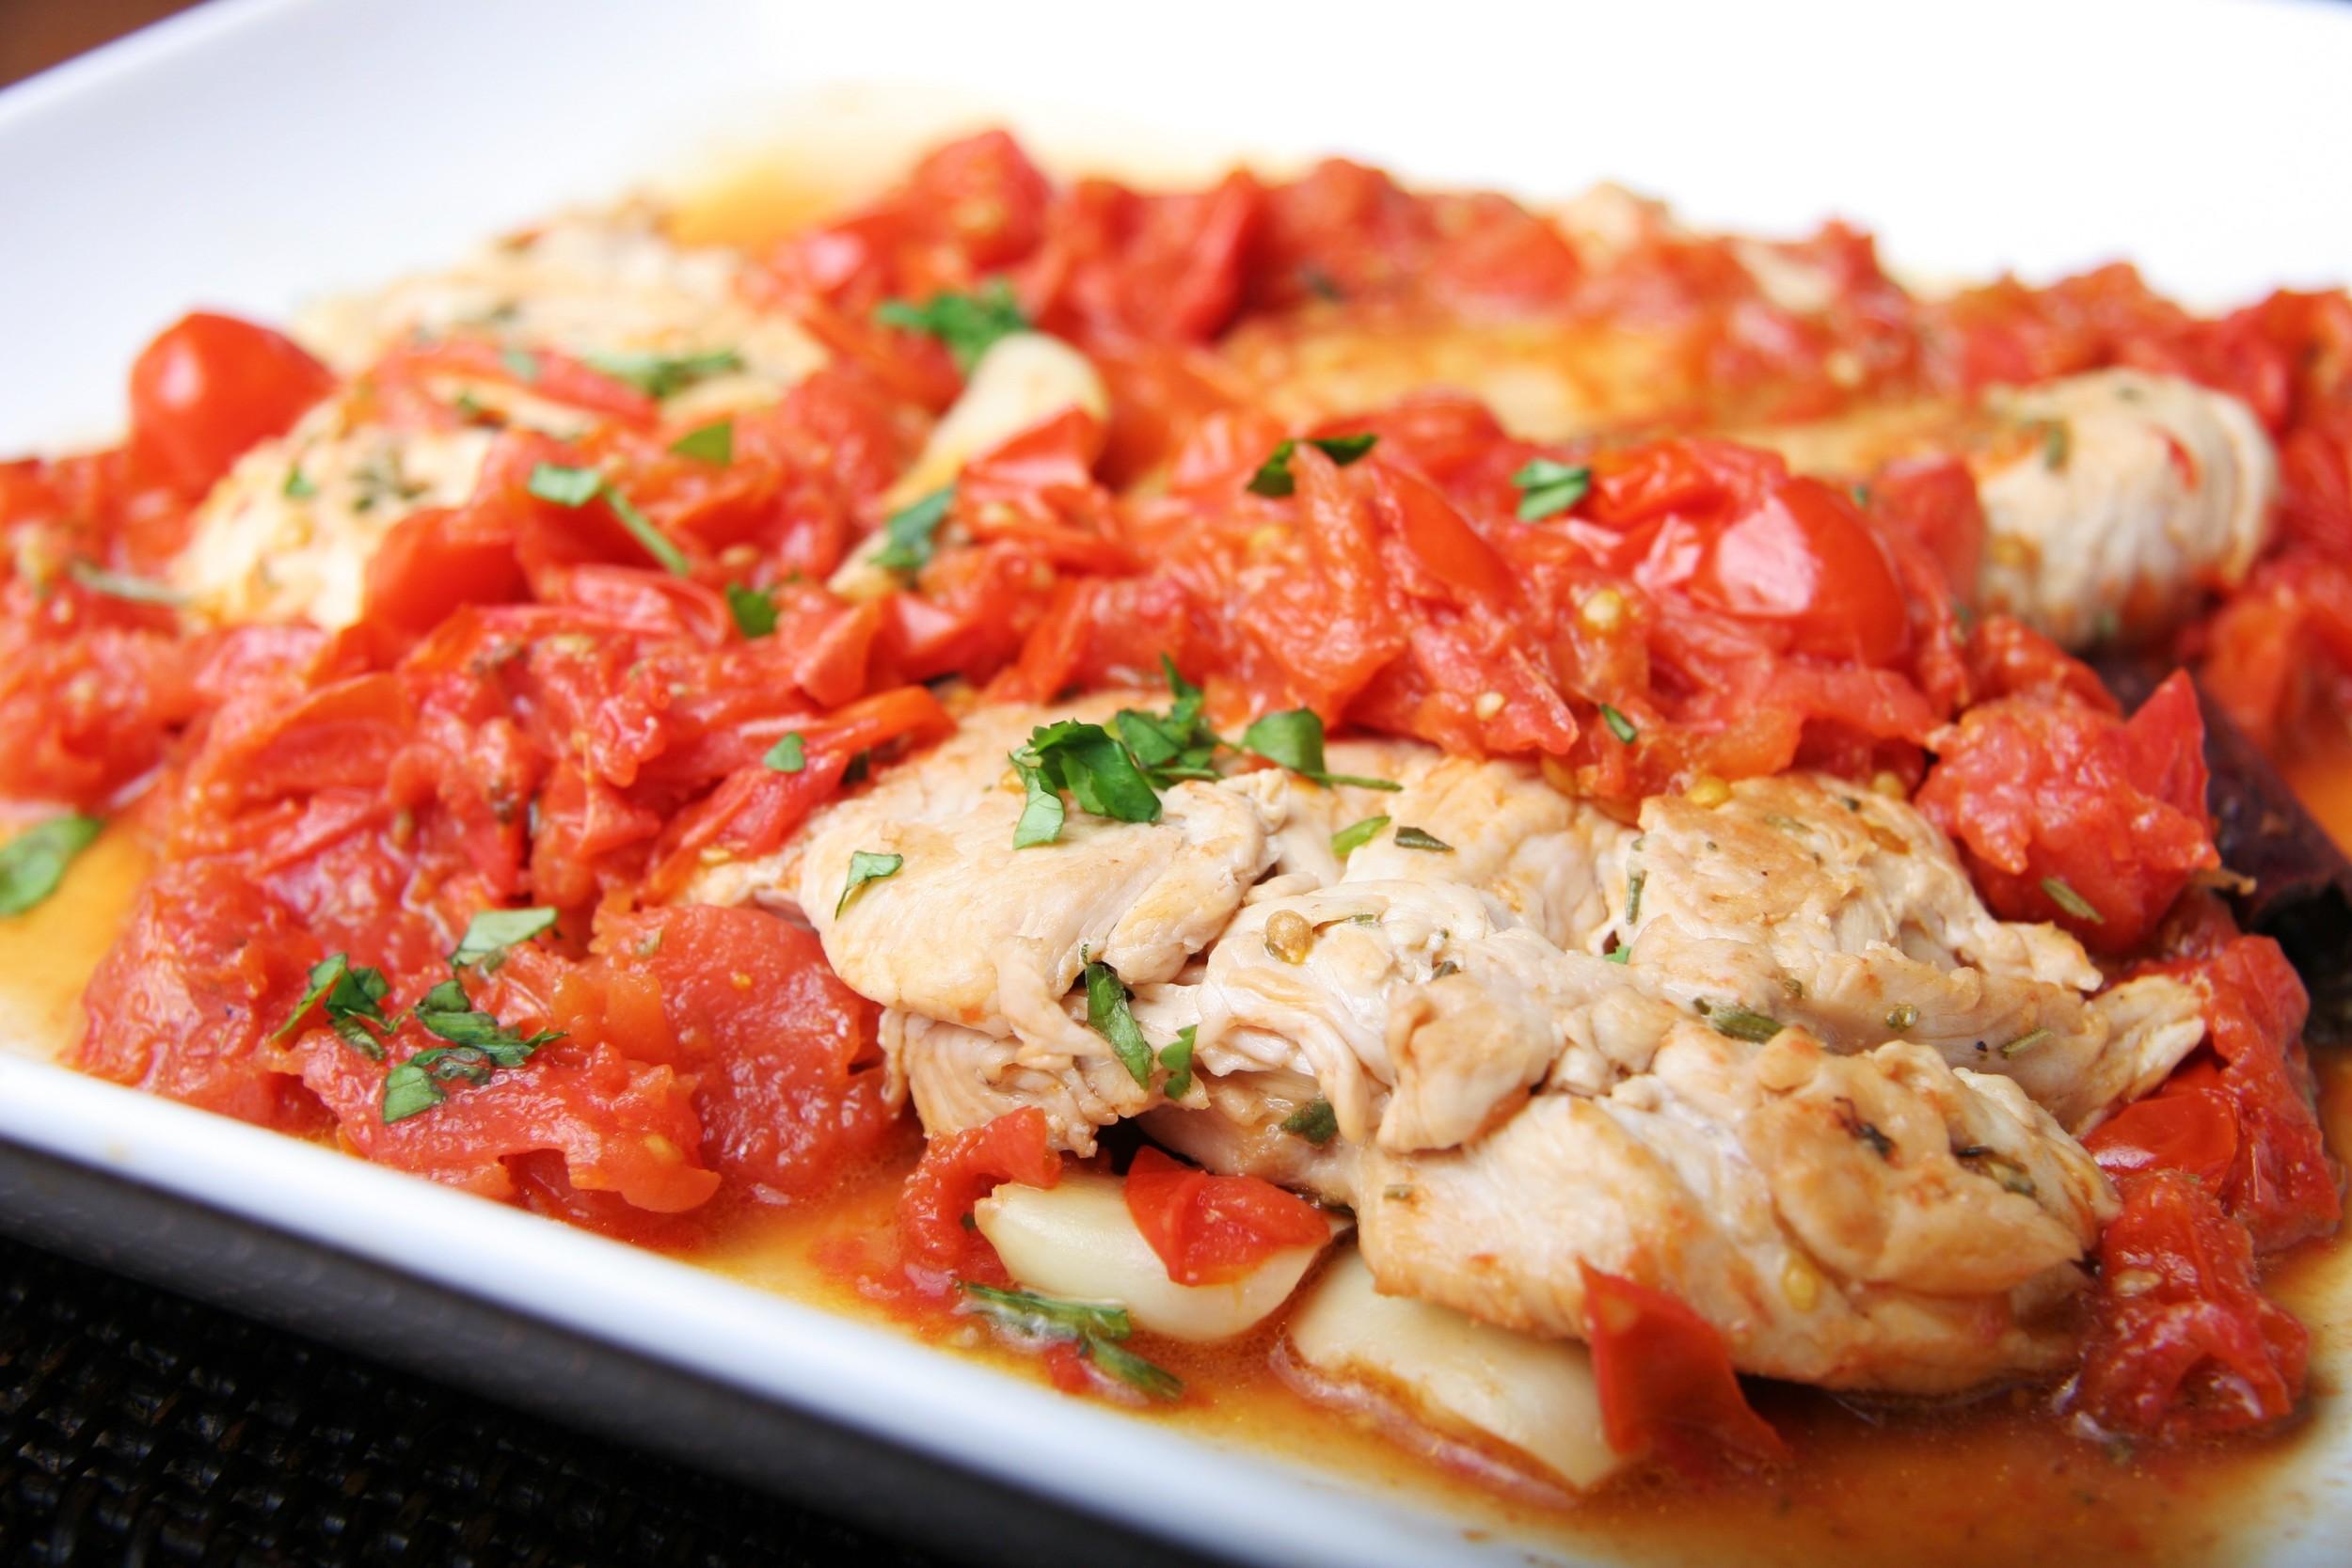 Delicious Chicken Sabate  (photograph by Deborah Guzman-Meyer)